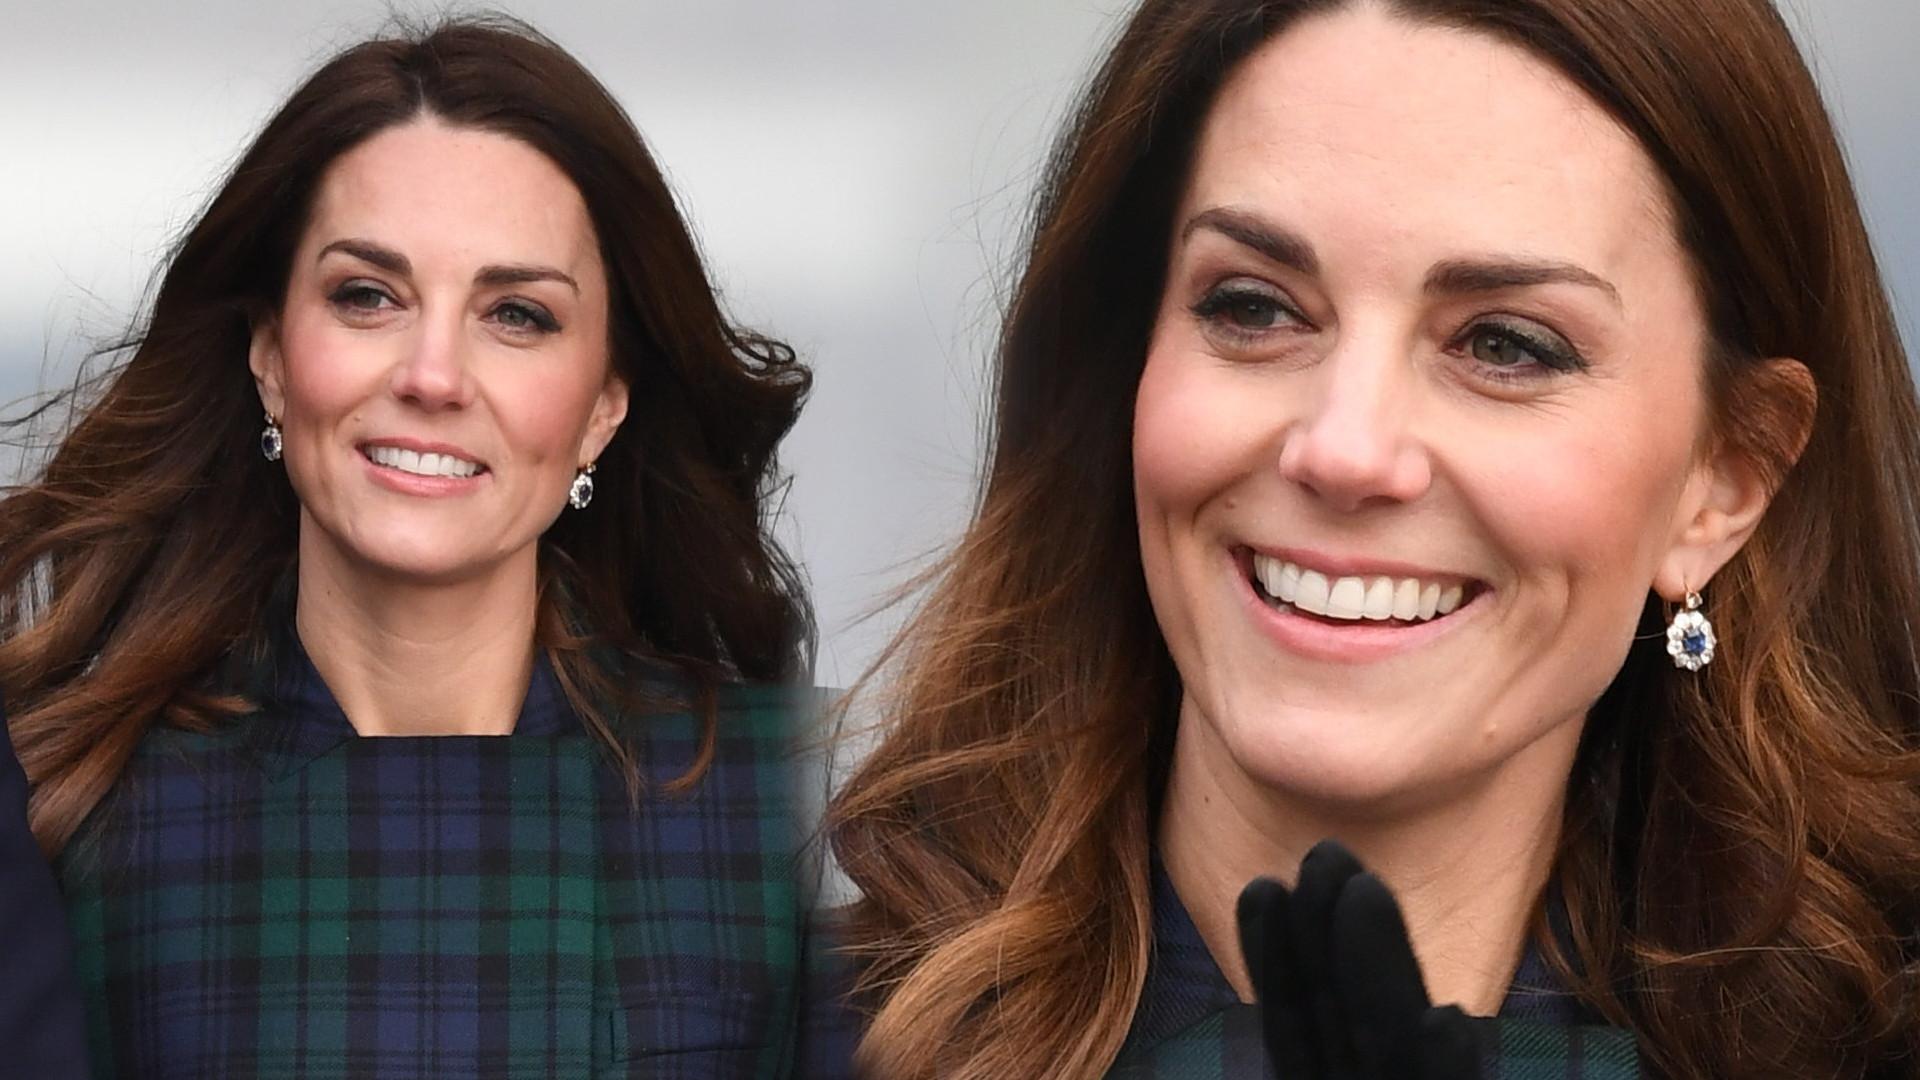 Kate Middleton w urzekającej kreacji na urodzinach swojej matki! Odjęła sobie 10 lat